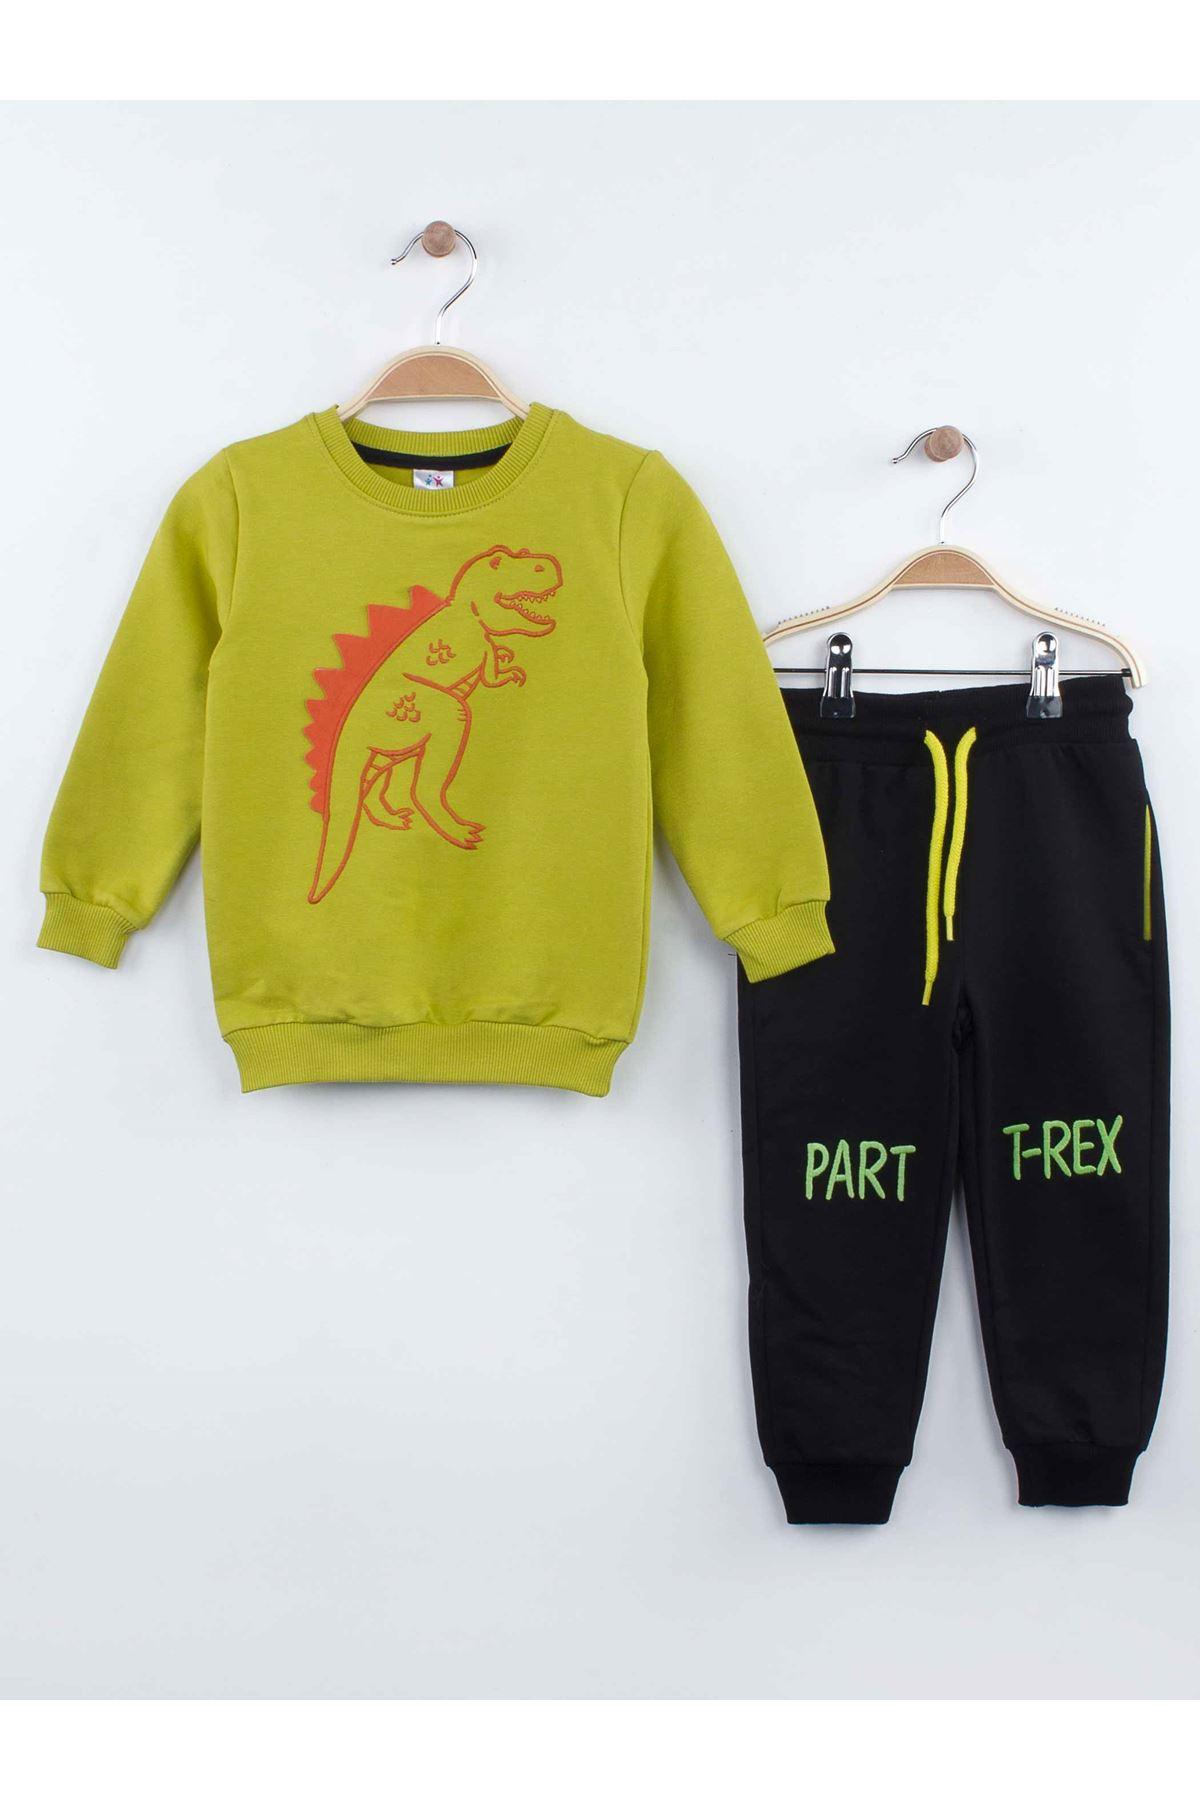 Green Boys Girls Pajamas Set Bottom Pajamas Top Pajamas Kids Daily Wear Homewear Cotton Comfortable Children Pajamas Sets